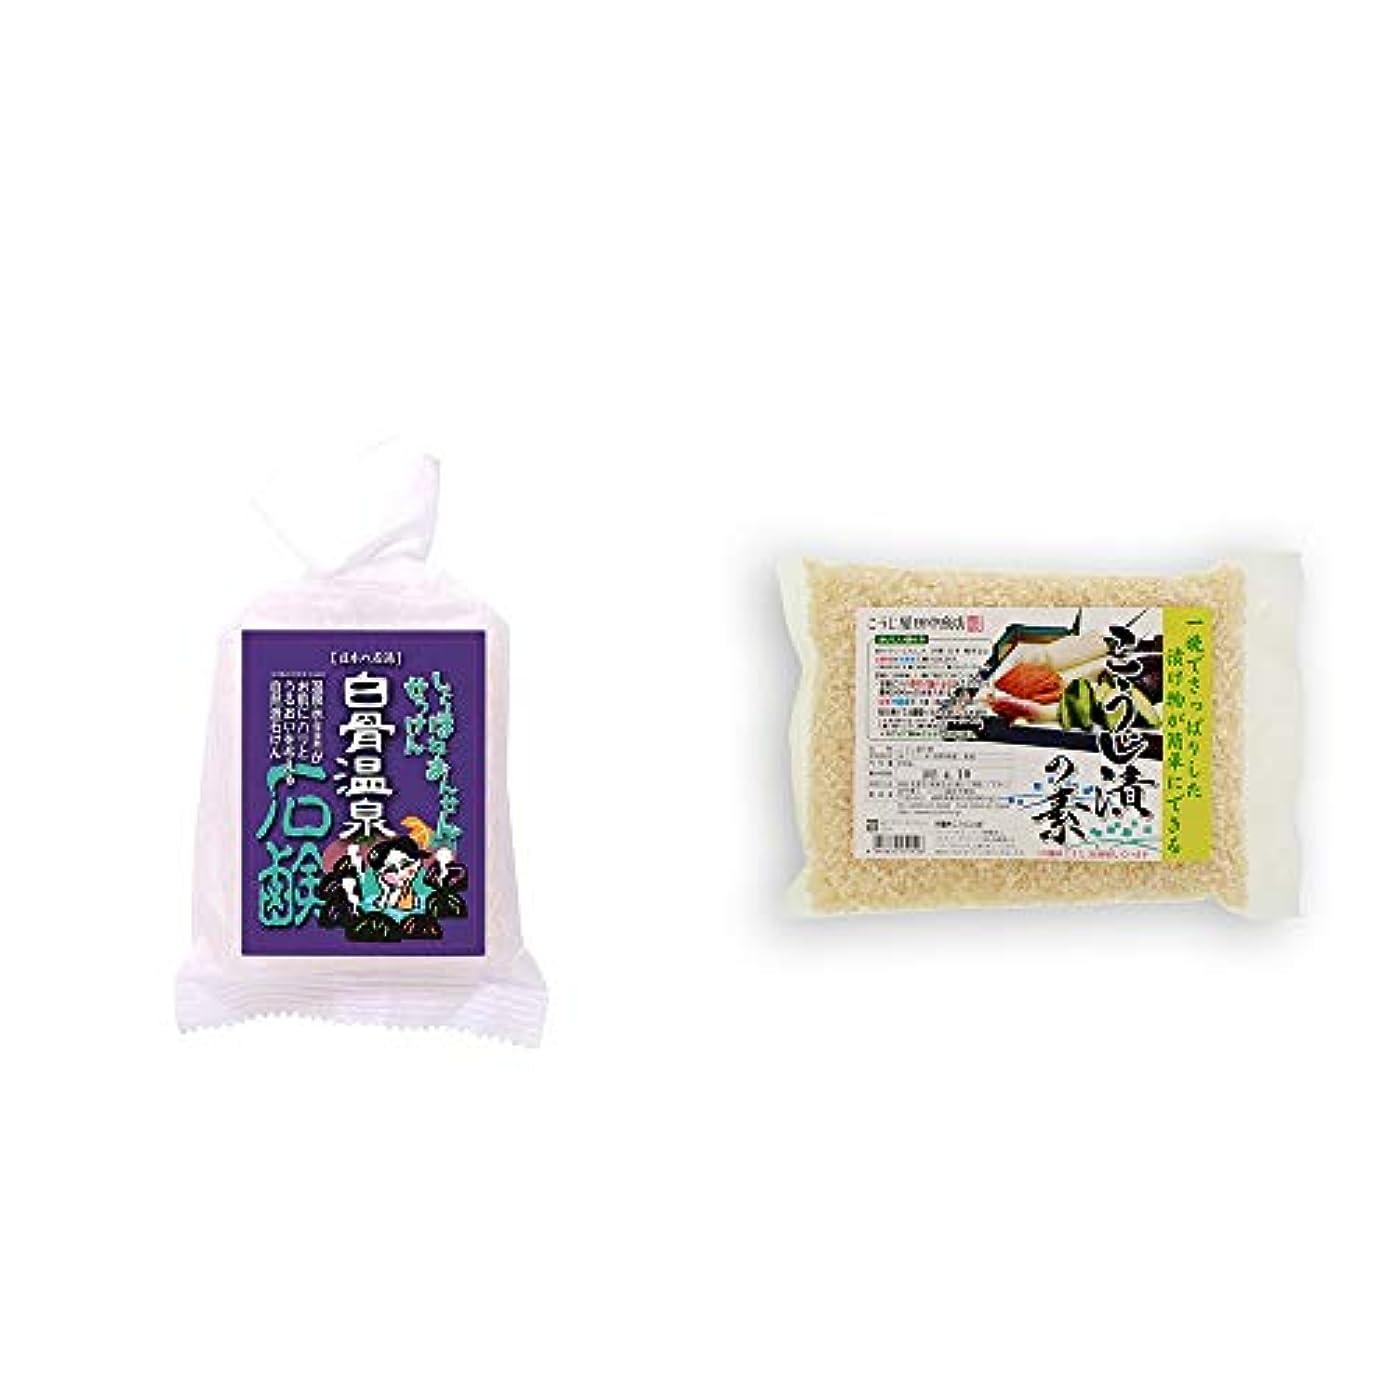 ありそうどっちアジア[2点セット] 信州 白骨温泉石鹸(80g)?こうじ屋田中商店 こうじ漬けの素(600g)